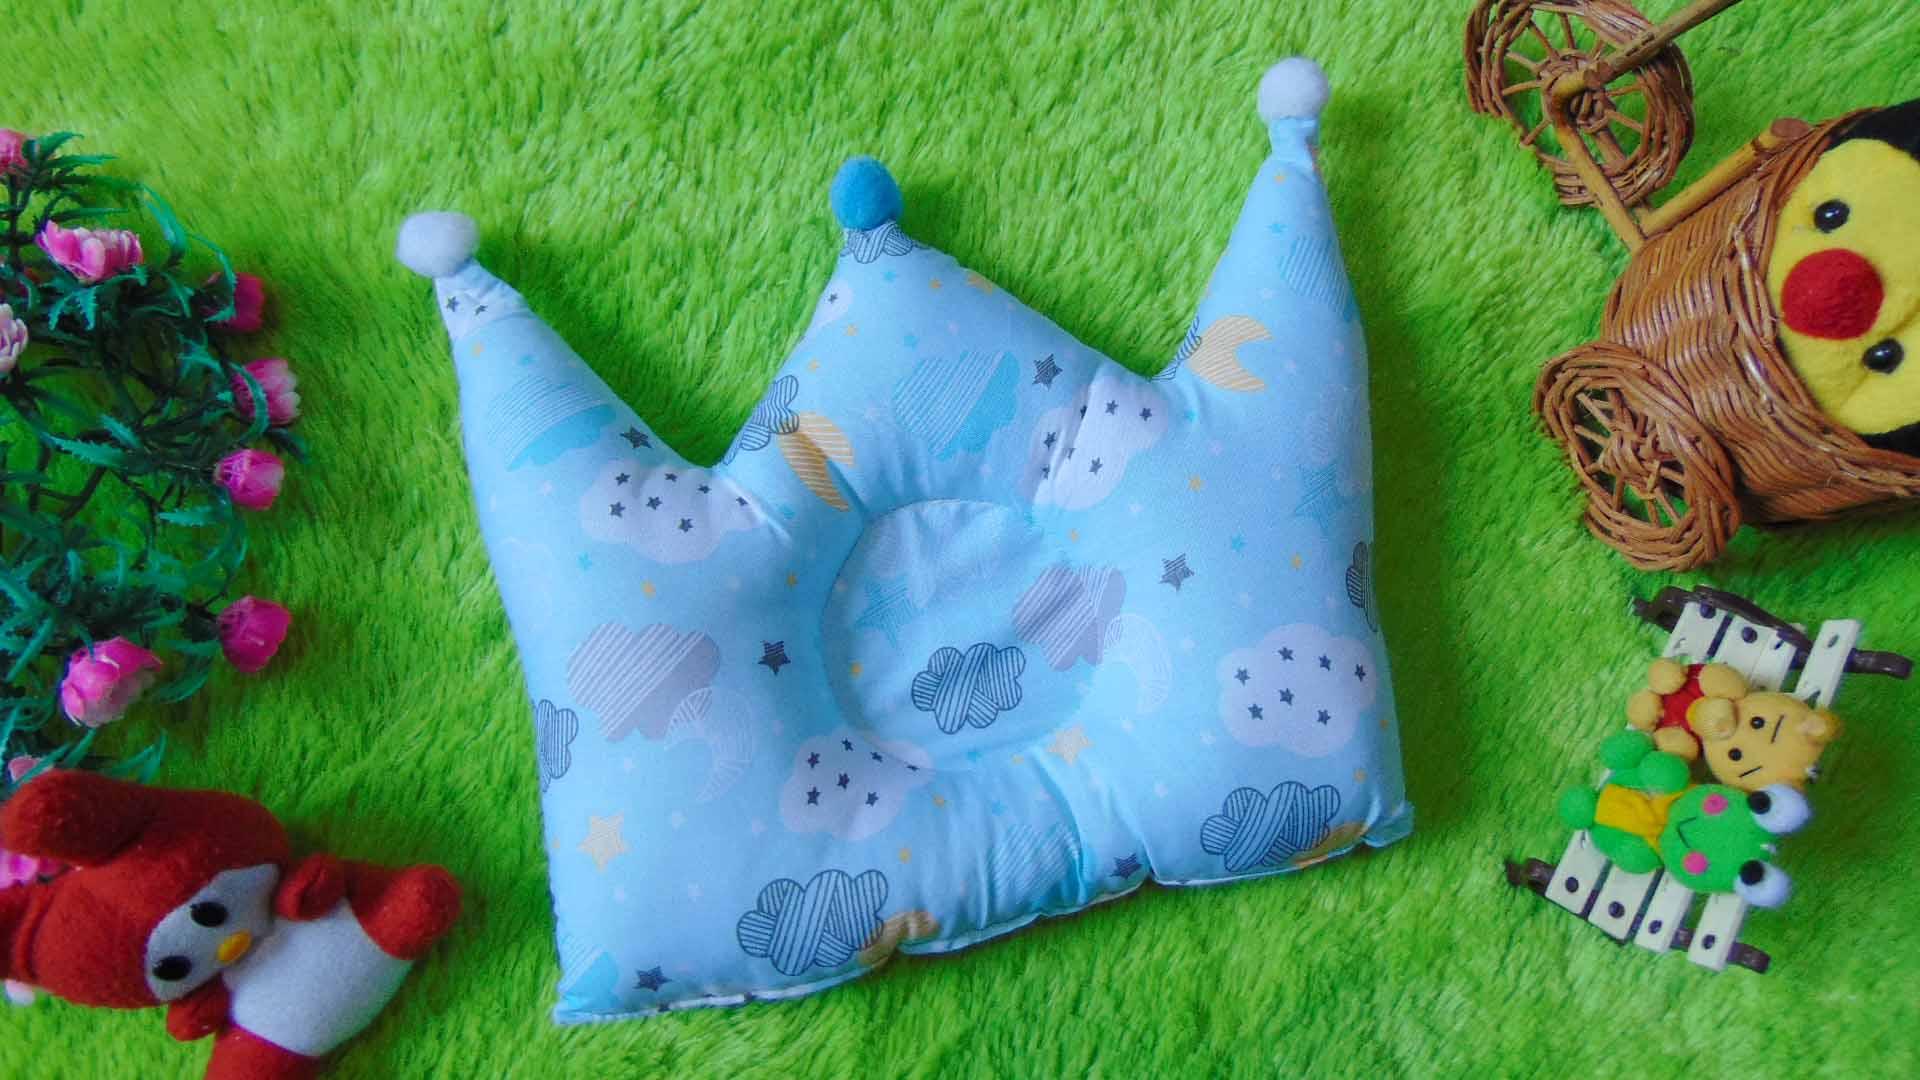 kado bayi Bantal mahkota crown pillow bantal peyang Peang bayi baby motif awan biru muda 37